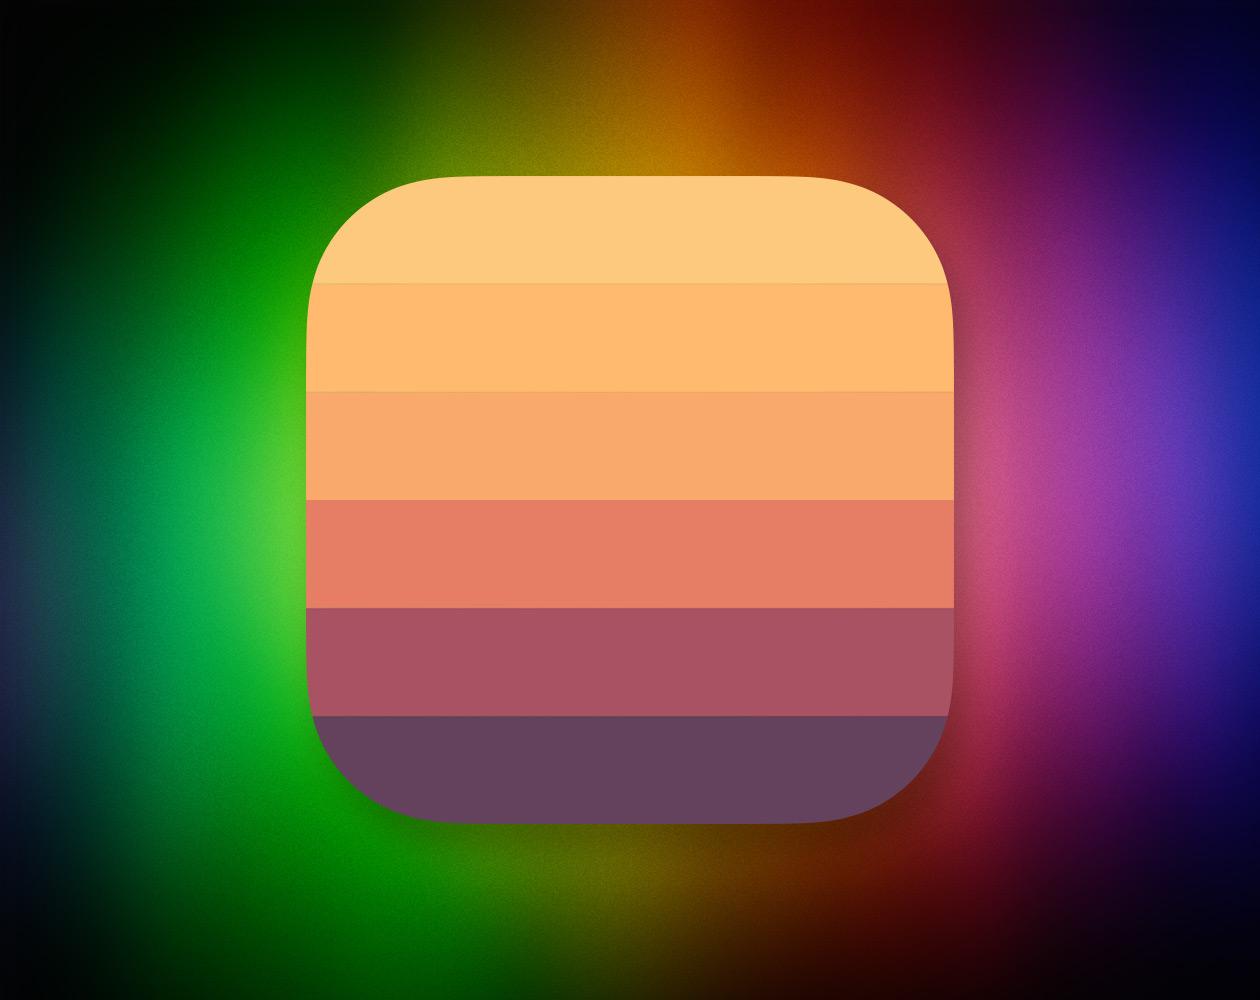 Day Flow для iPhone поможет удобно вести учет времени и наглядно оценивать вашу продуктивность